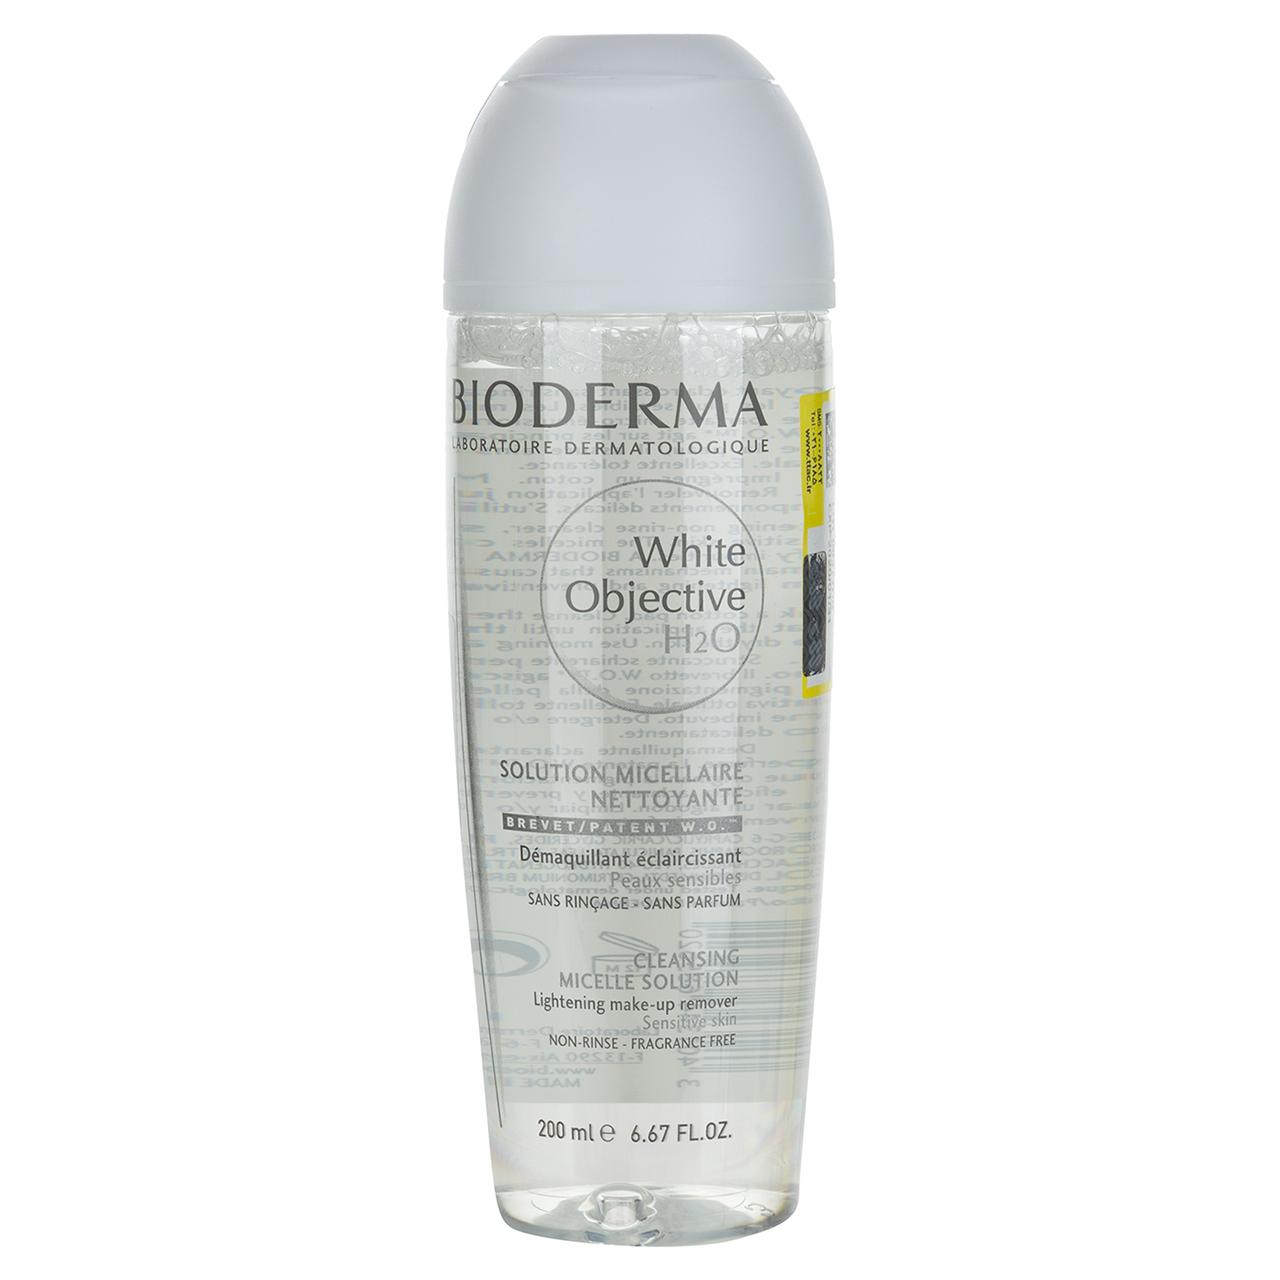 قیمت محلول پاک کننده ضد لک H2O بایودرما مدل White Objective حجم 200 میلیلیتر